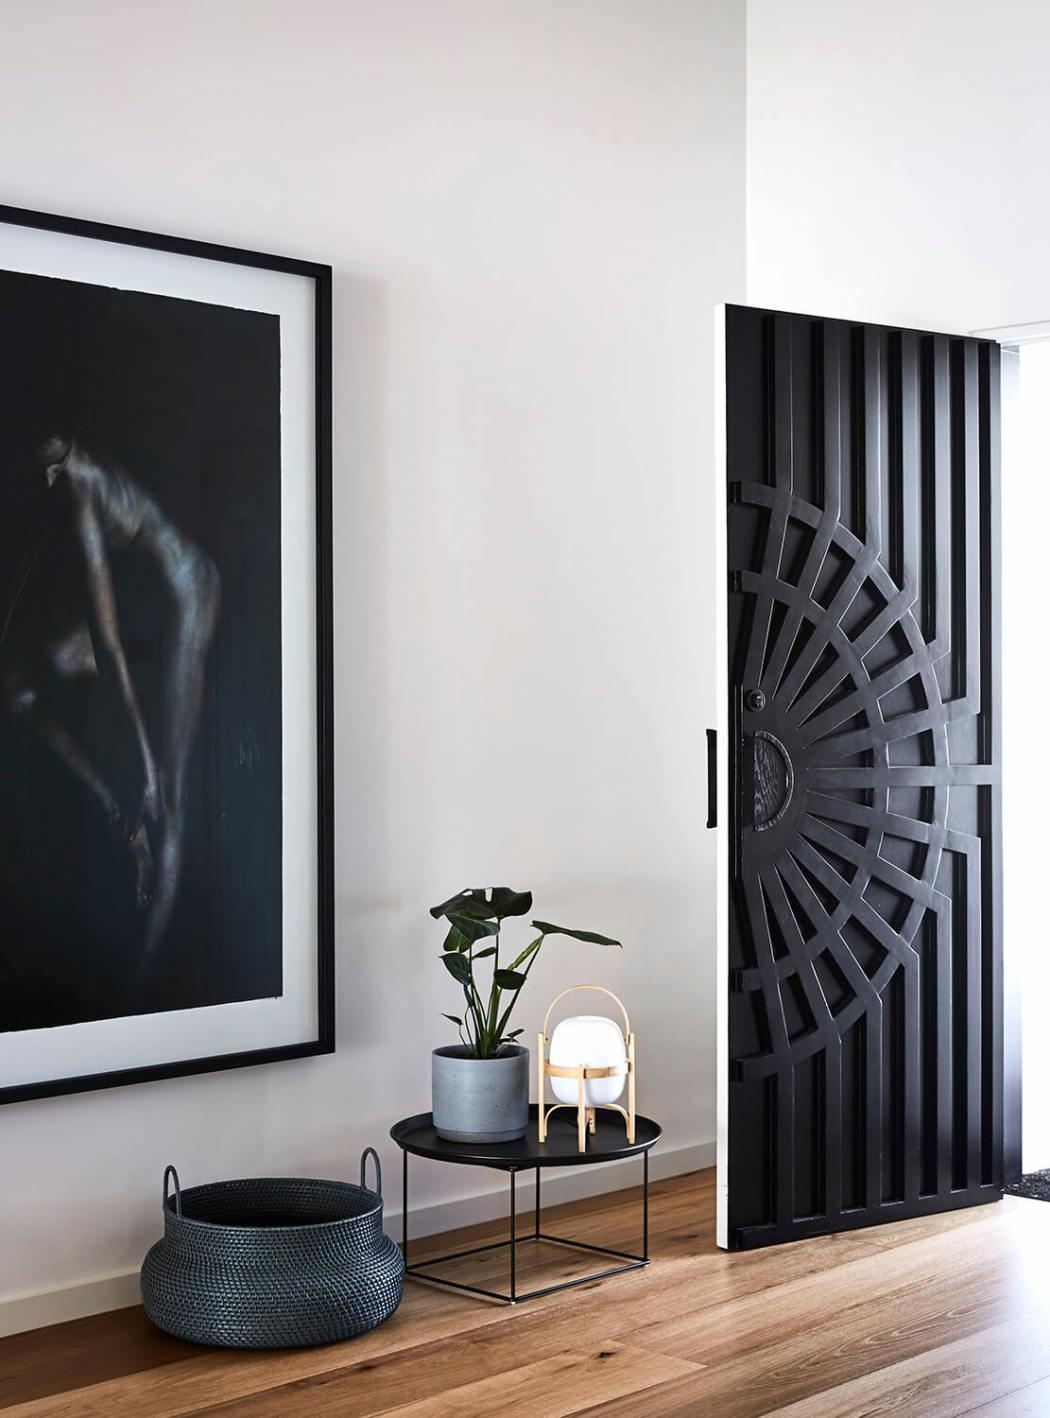 Une maison moderne australienne qui va vous faire aimer le noir et blanc sur www.decocrush.fr - @decocrush